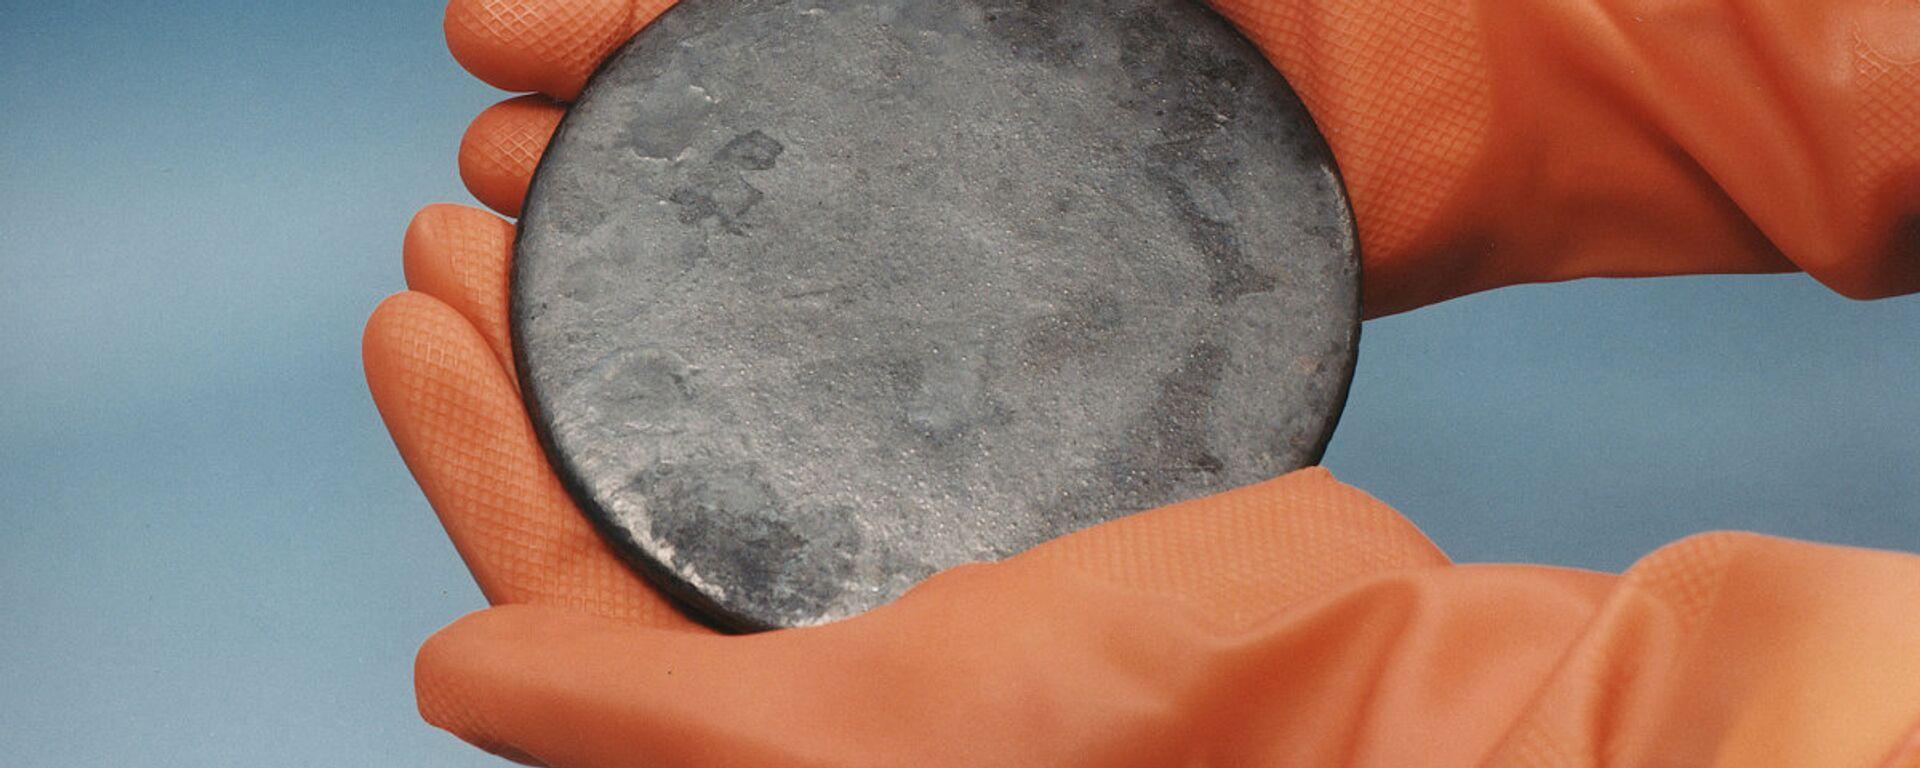 Радиоактивный элемент - Sputnik Латвия, 1920, 11.12.2020